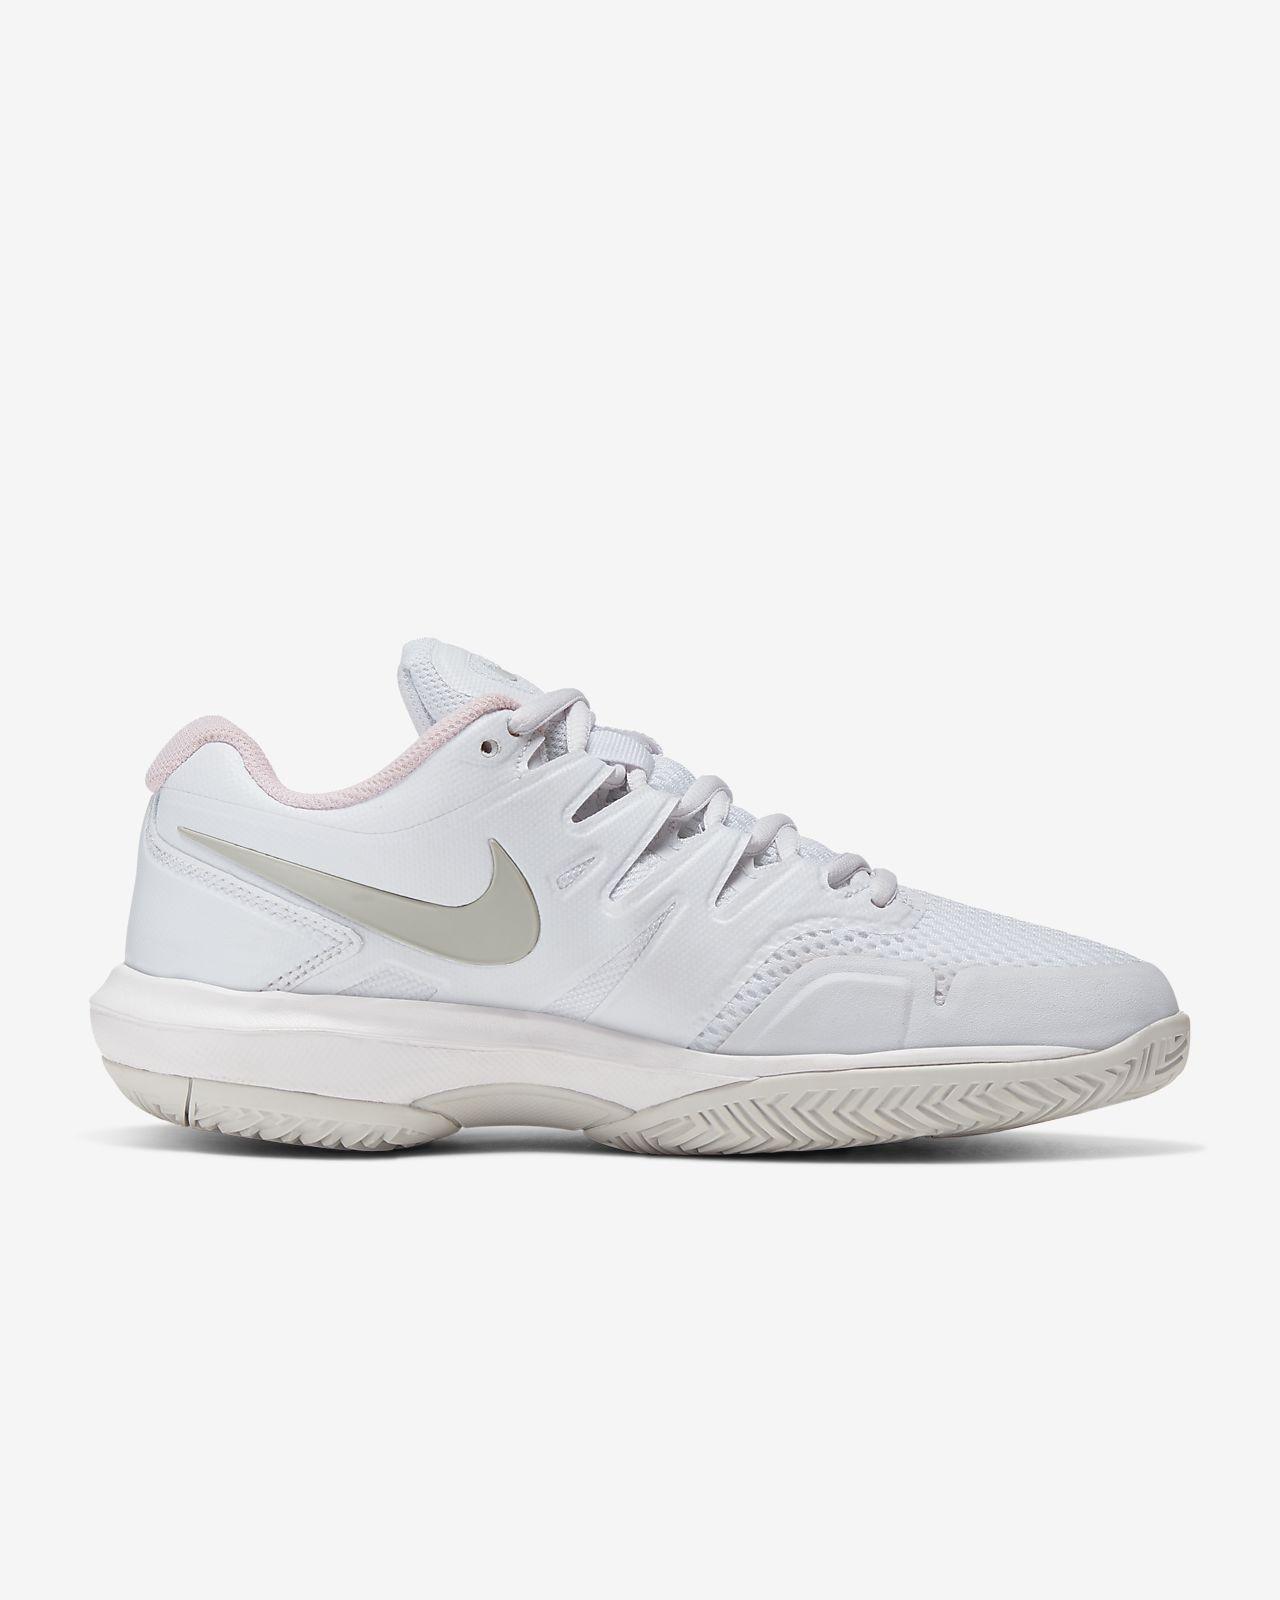 NikeCourt Air Zoom Prestige Zapatillas de tenis Mujer